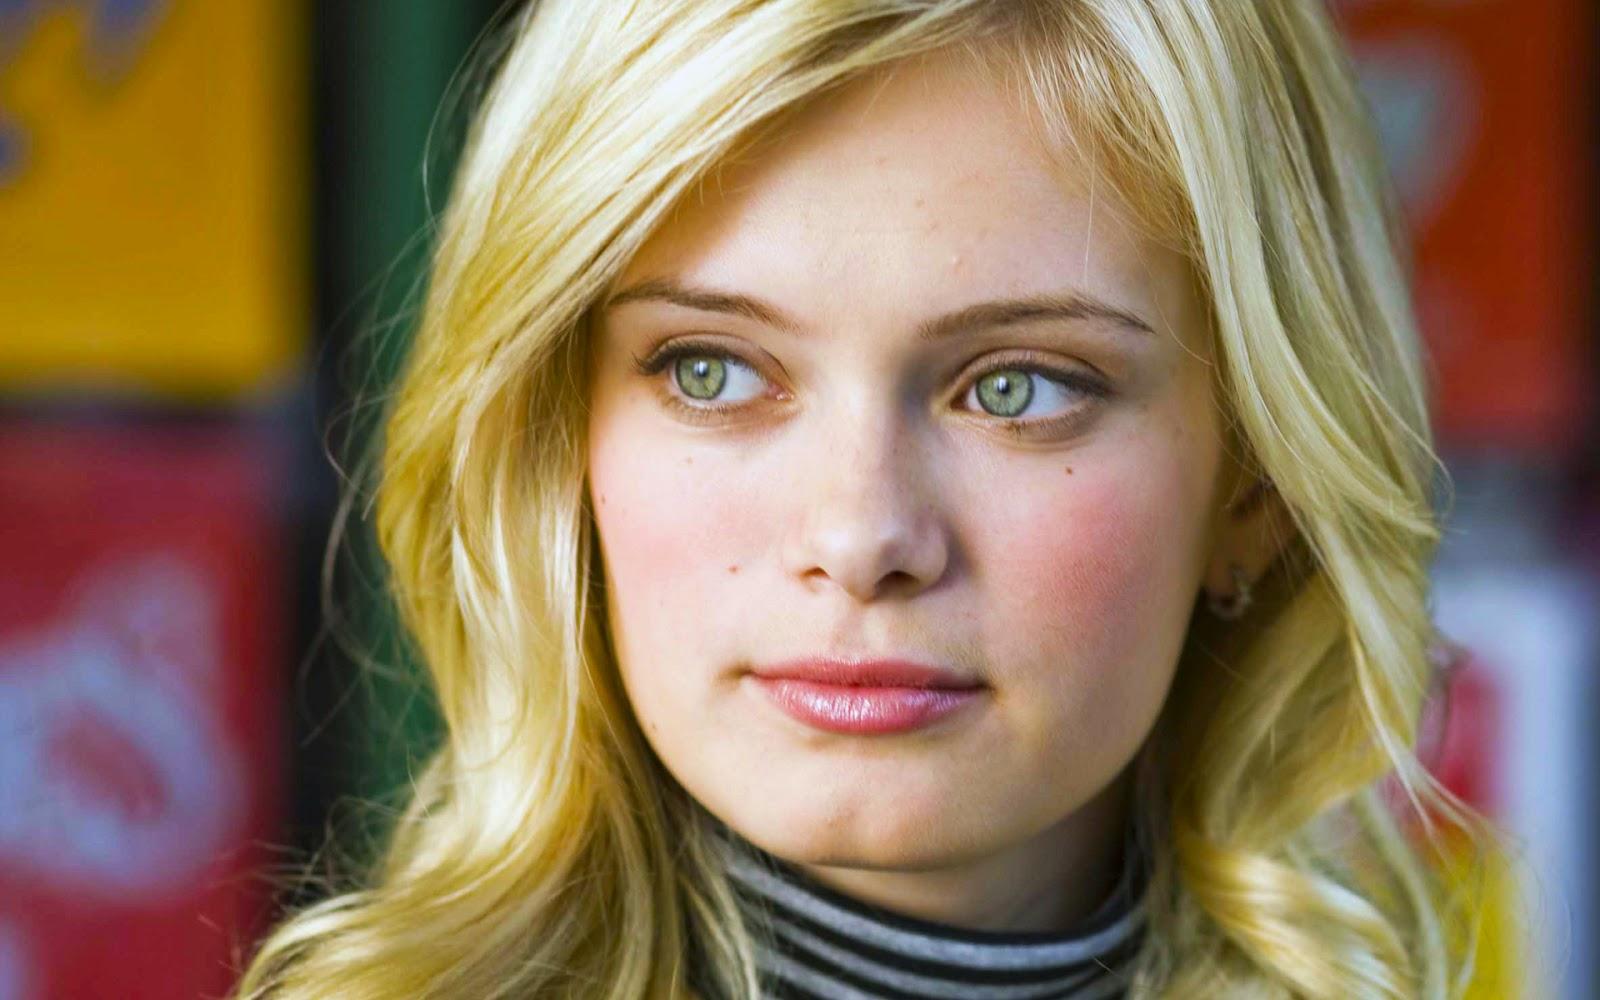 Sara Paxton Wallpaper hot - Hollywood hot actress